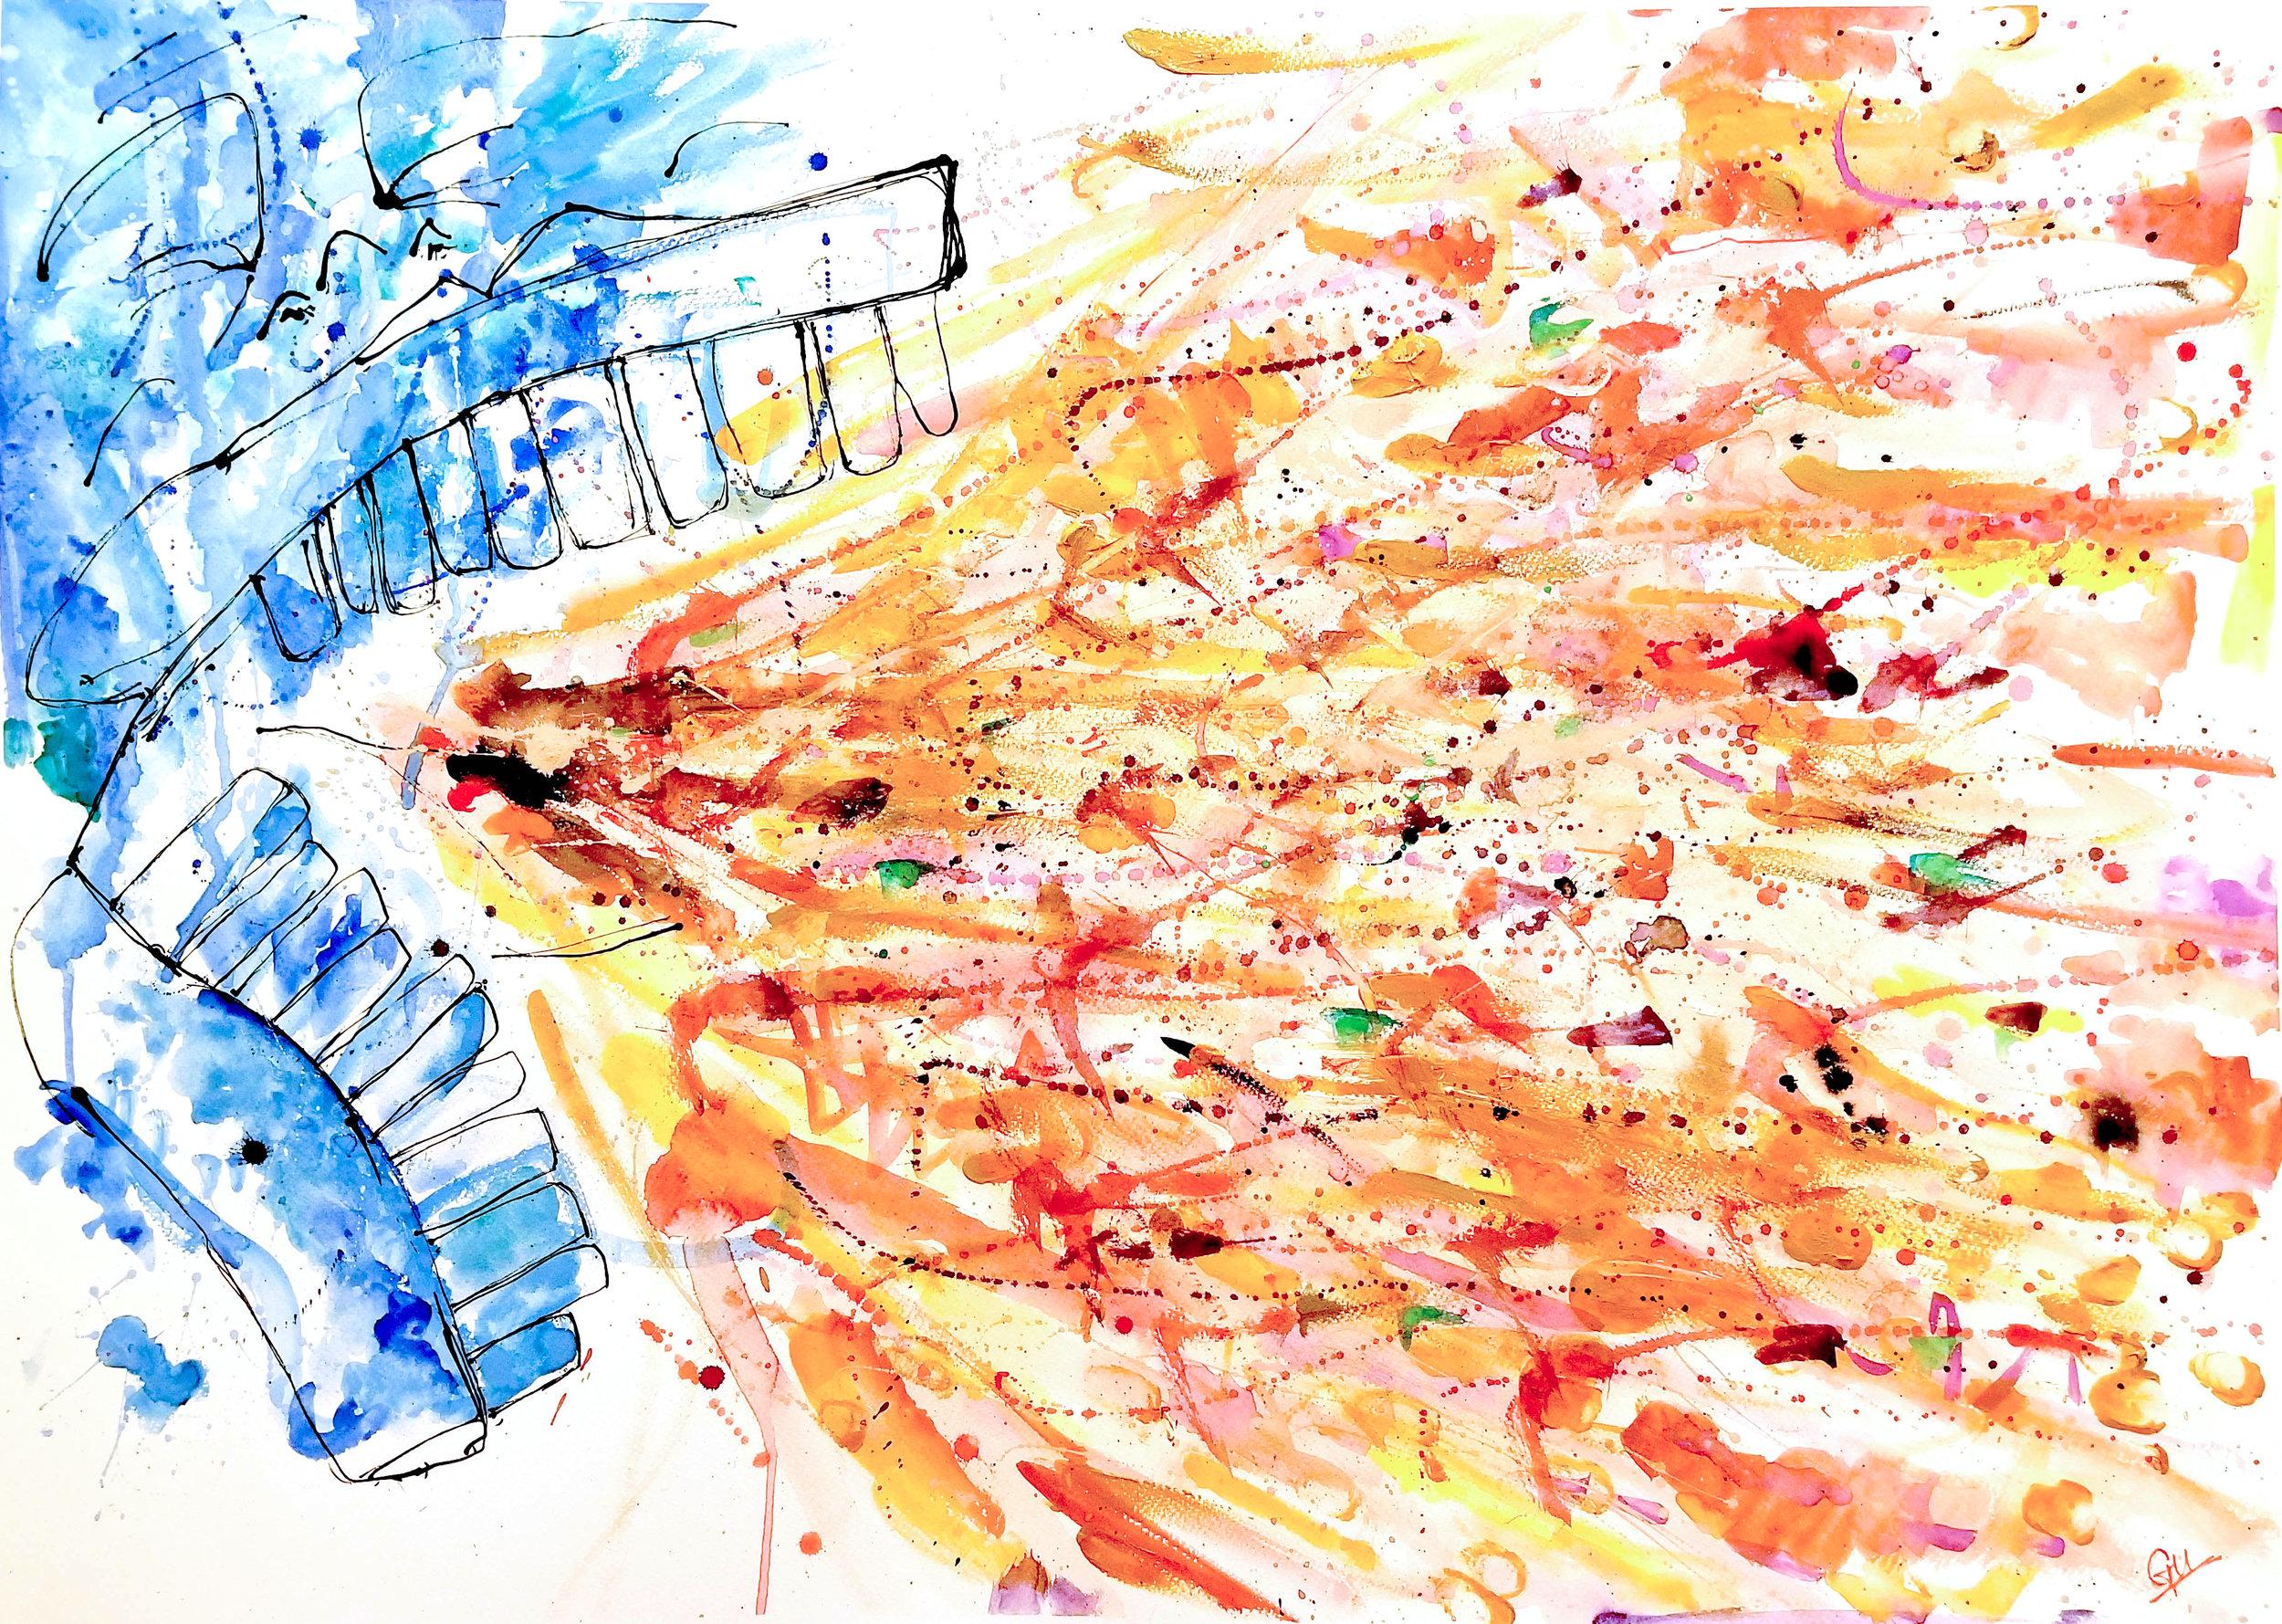 'לשון הרע ' (Watercolour and Acrylic, 20inx30in, 2017)